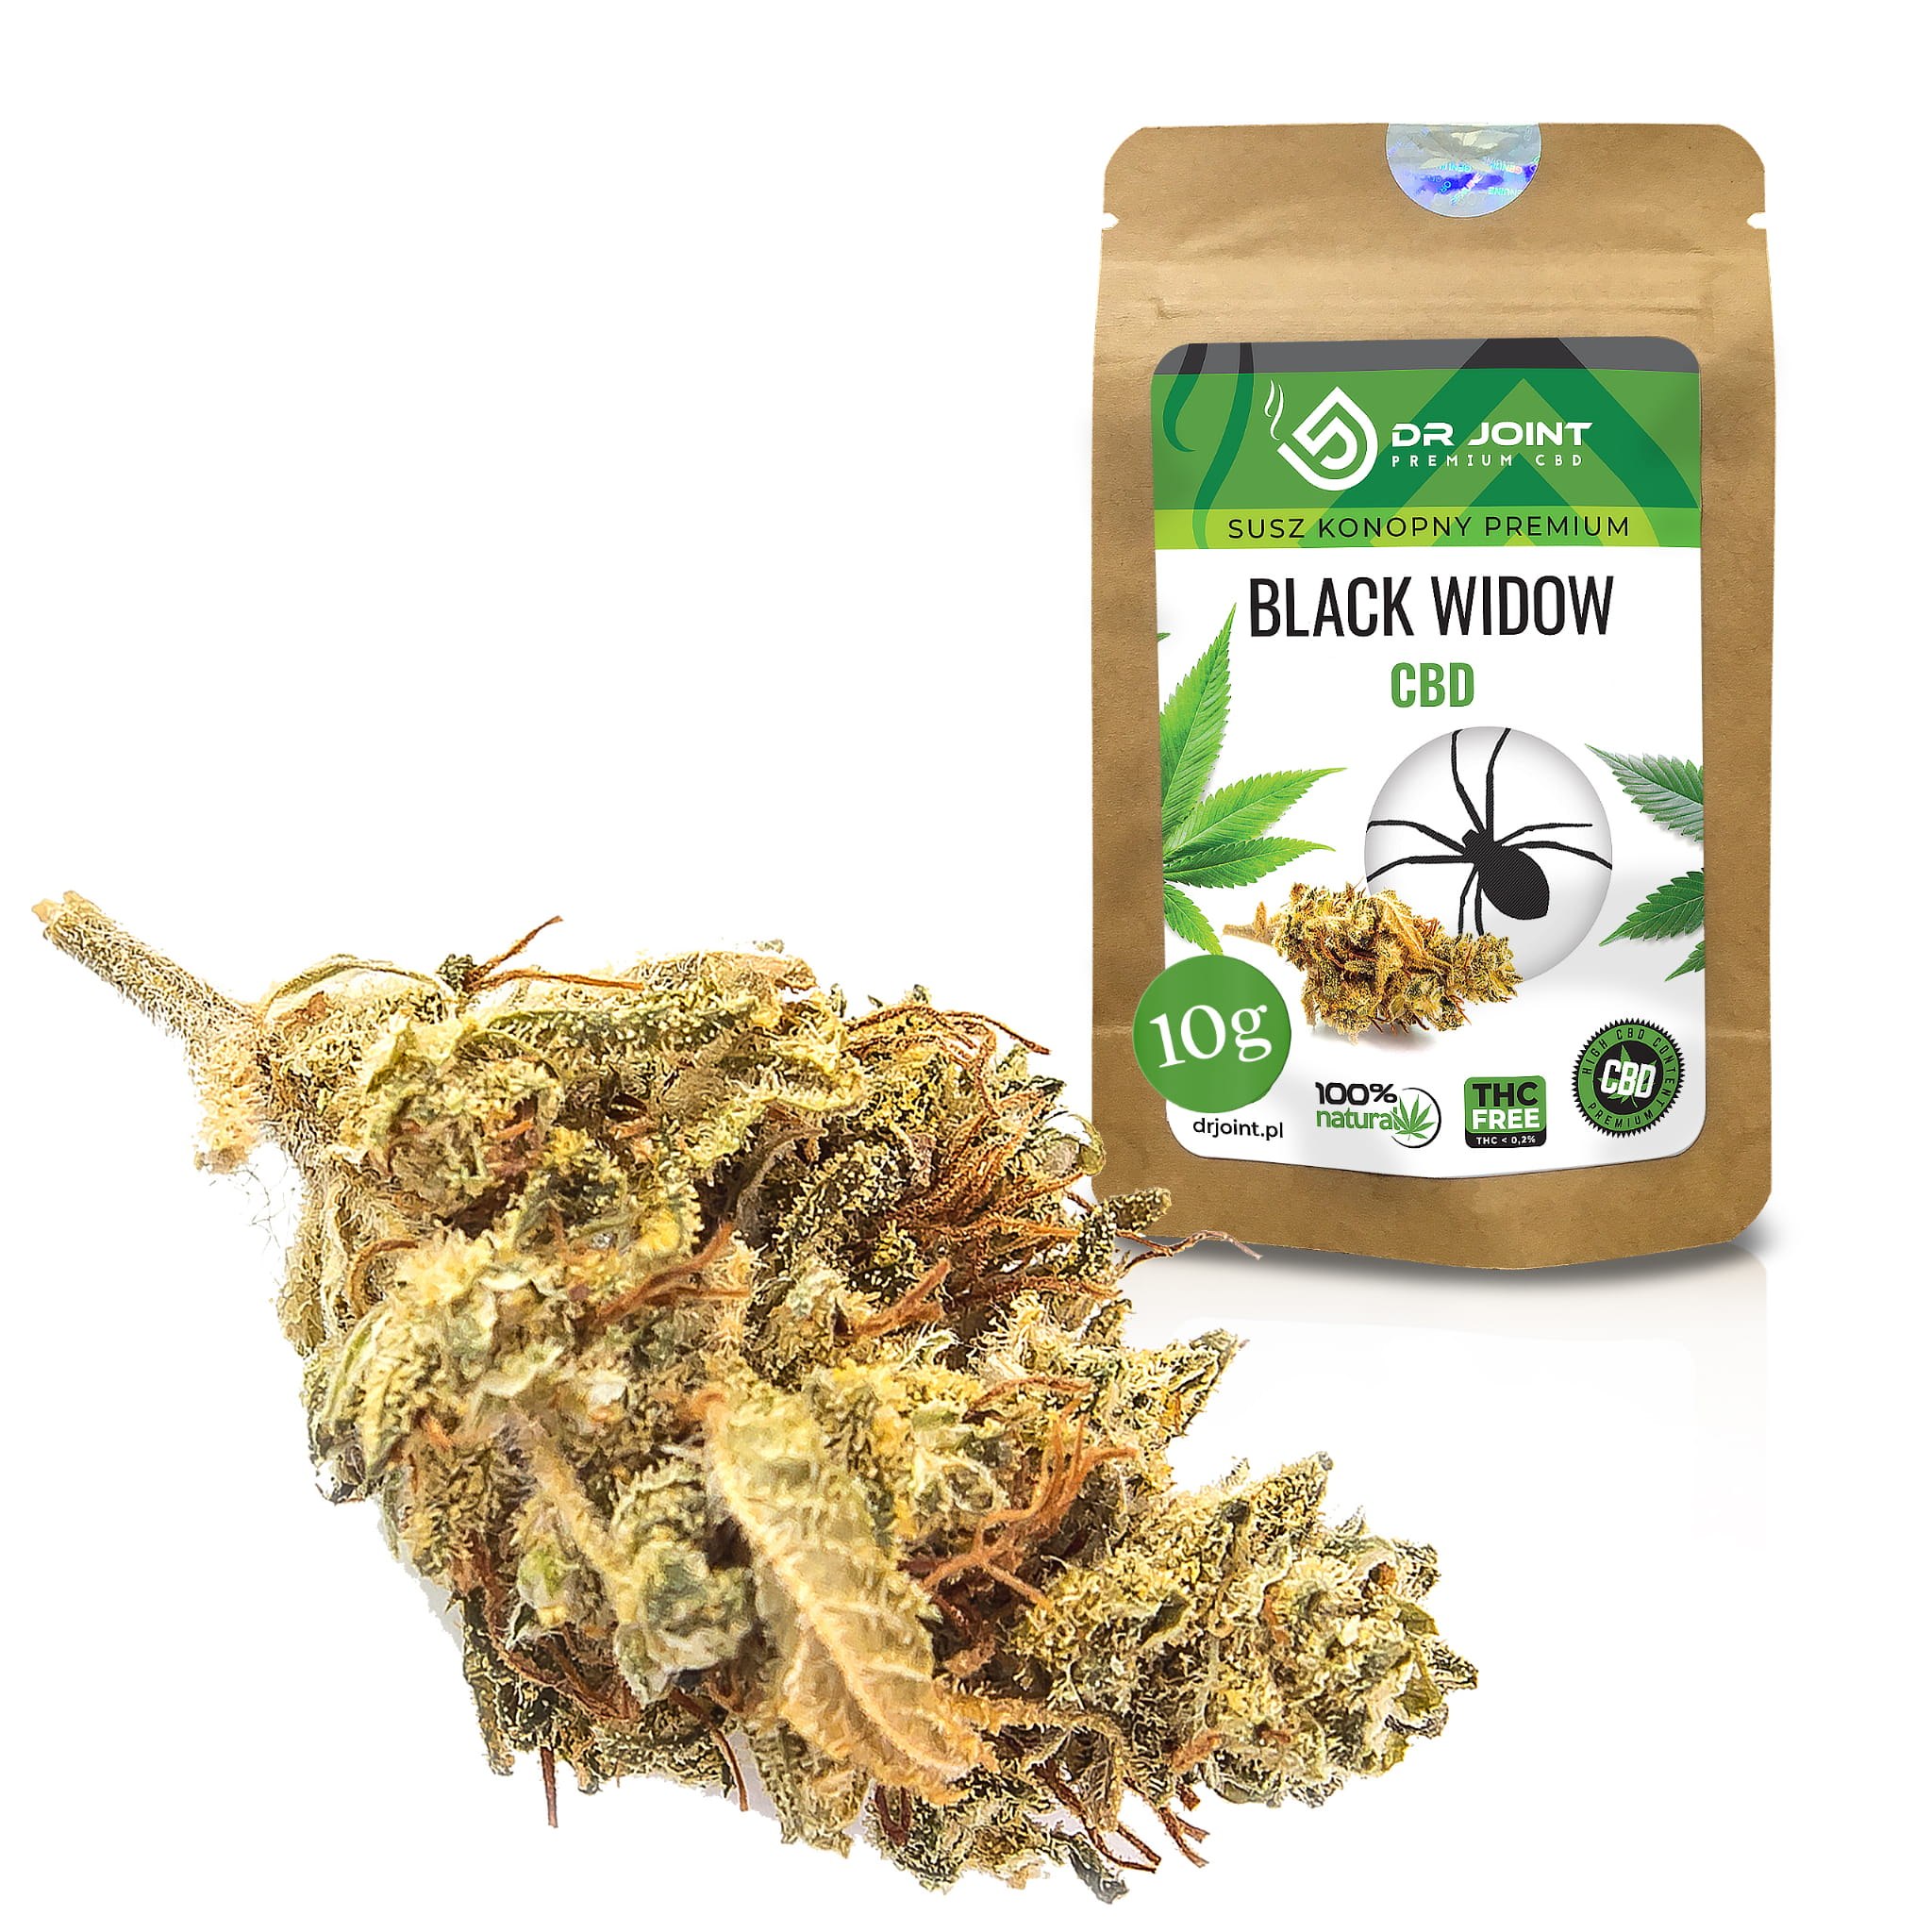 Image of Susz Konopny CBD Black Widow 10g